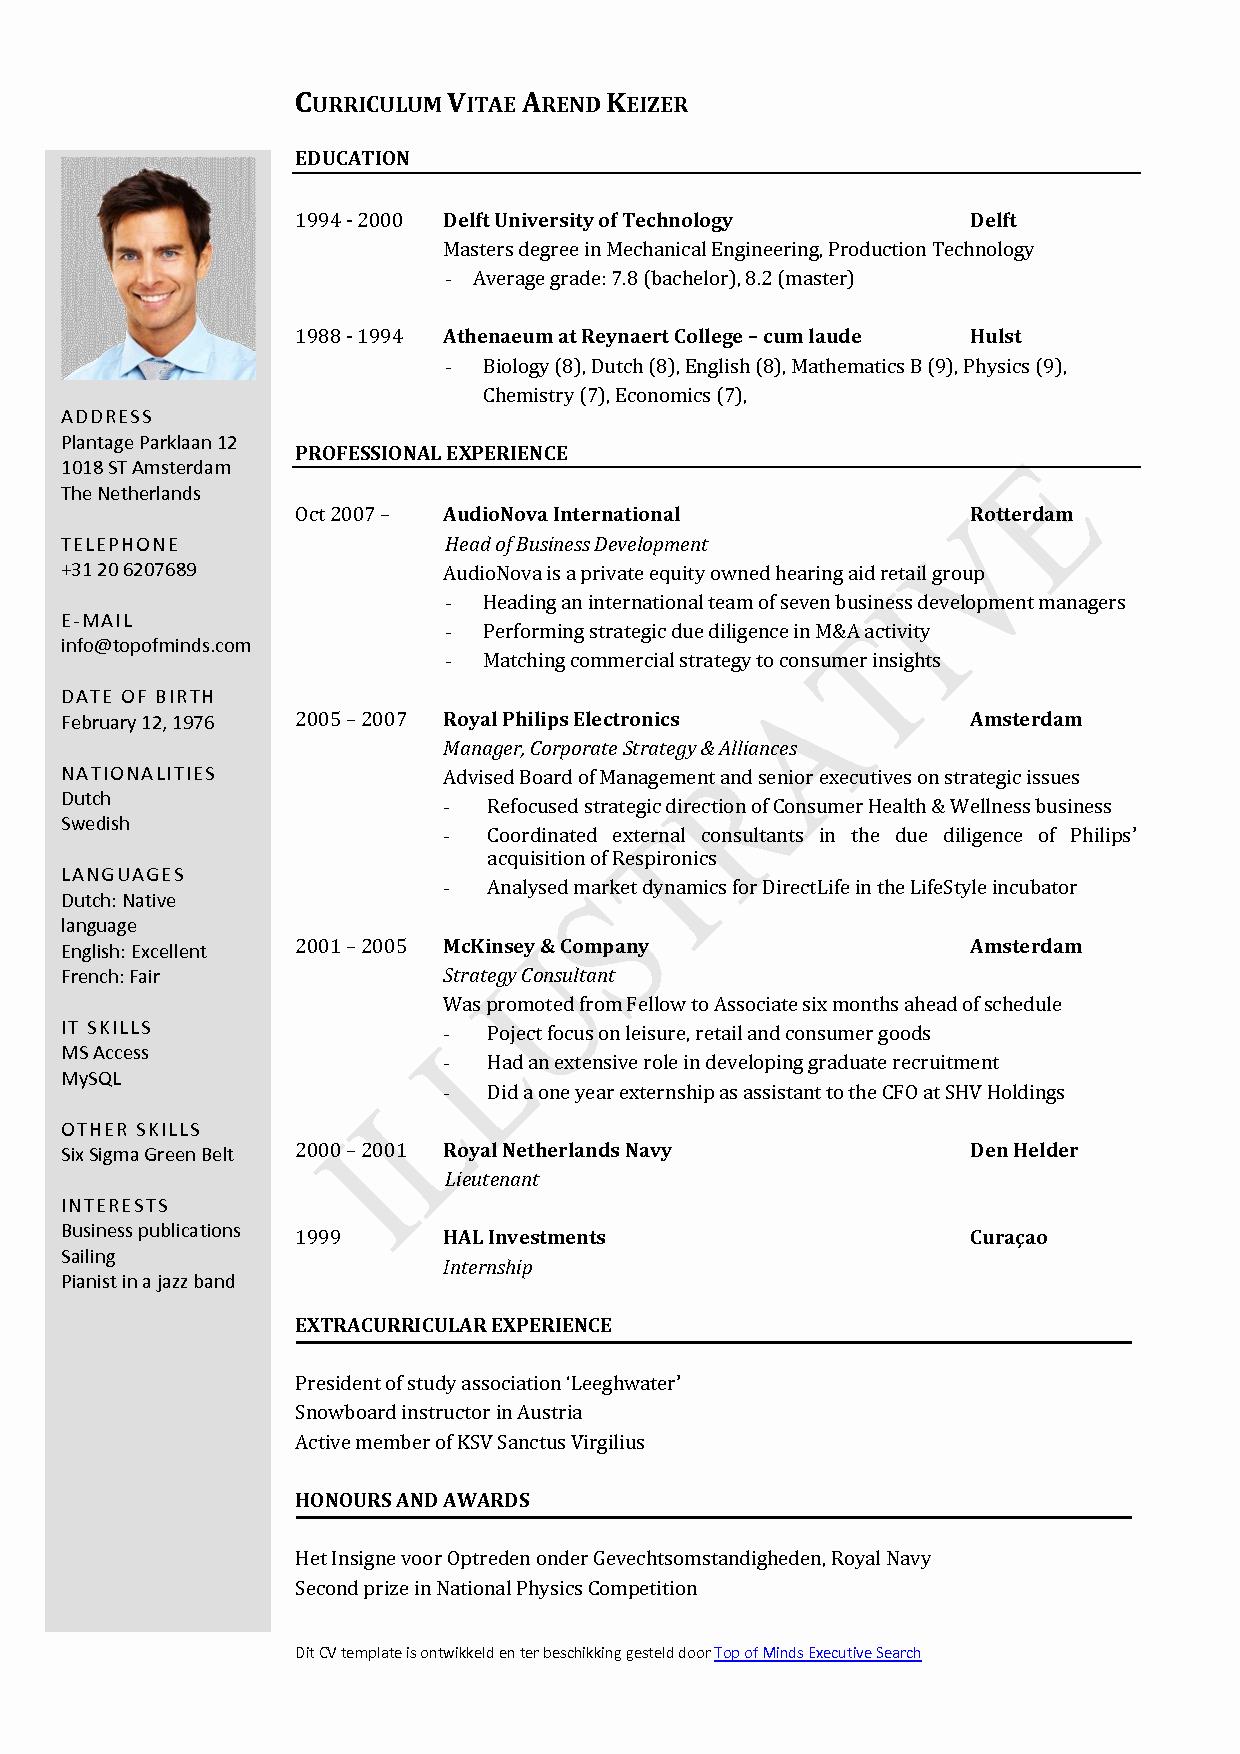 Professional Curriculum Vitae Template Download Fresh Free Curriculum Vitae Template Word